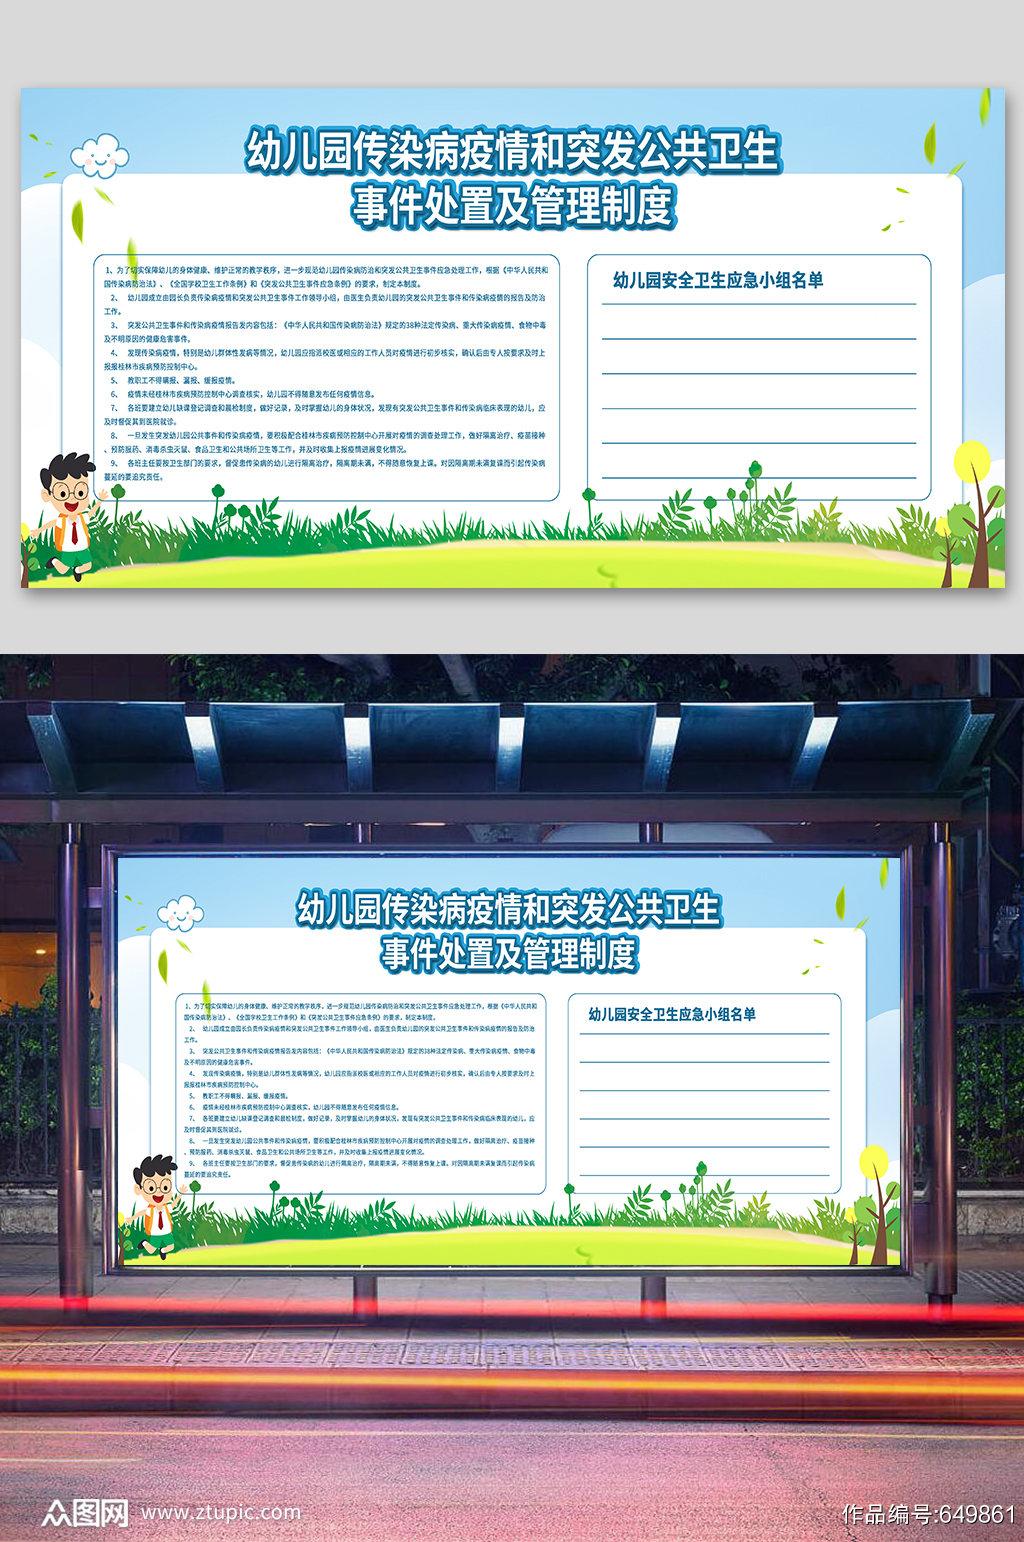 幼儿园宣传栏健康教育宣传素材